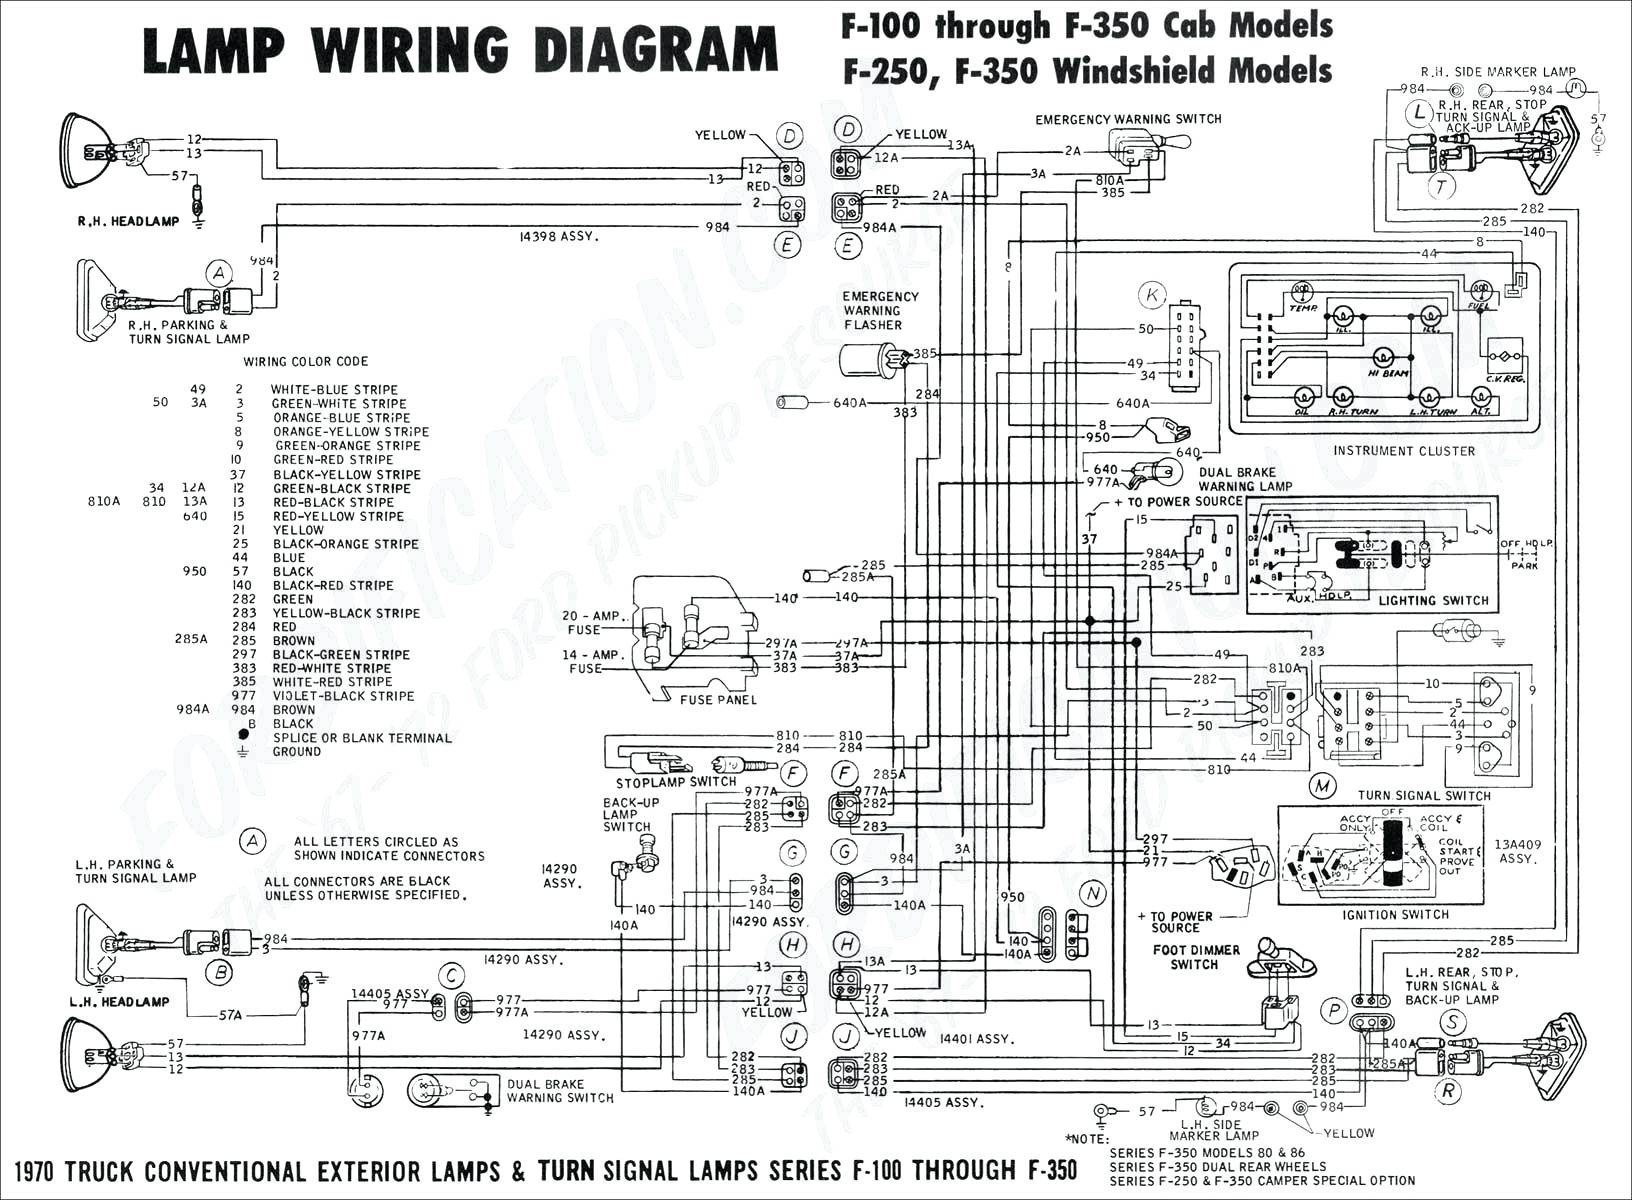 1998 ford Escort Zx2 Engine Diagram ford Ecm Wiring Diagrams Data Wiring Diagrams • Of 1998 ford Escort Zx2 Engine Diagram